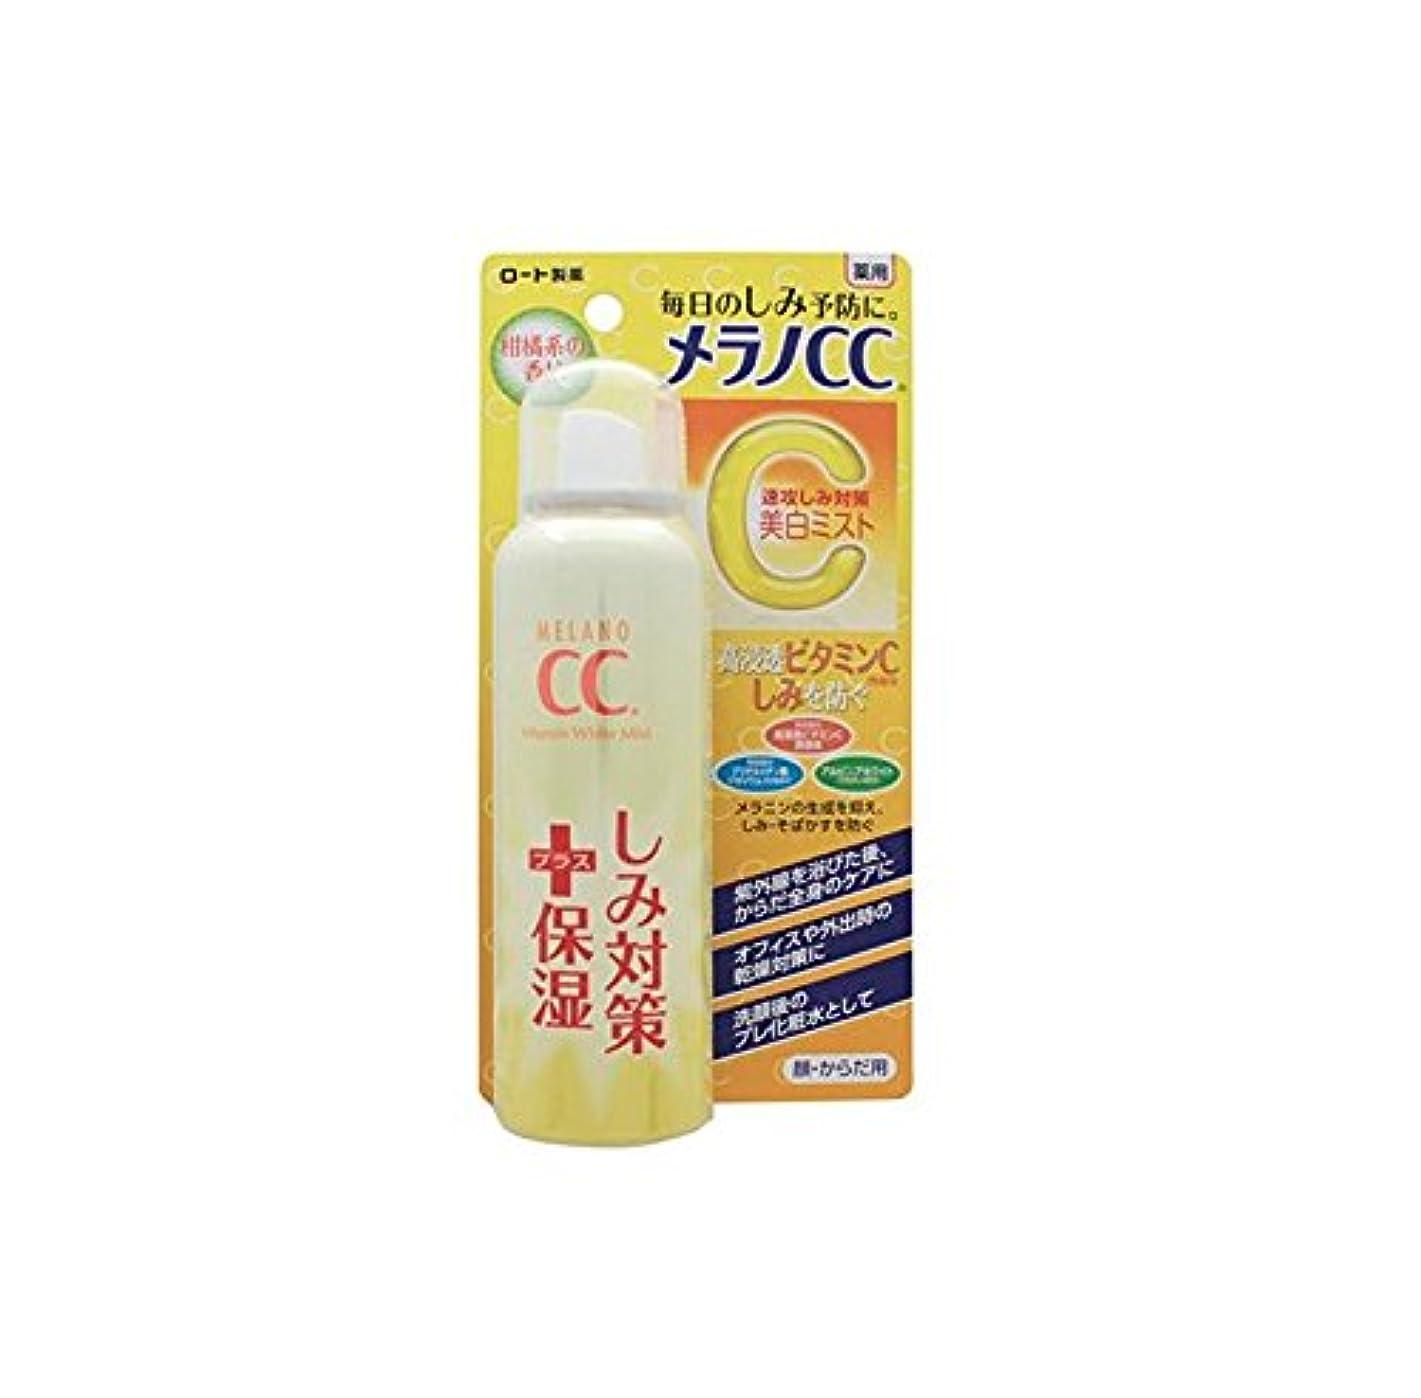 遺伝子クール順番メラノCC 薬用しみ対策 美白ミスト化粧水 100g【医薬部外品】